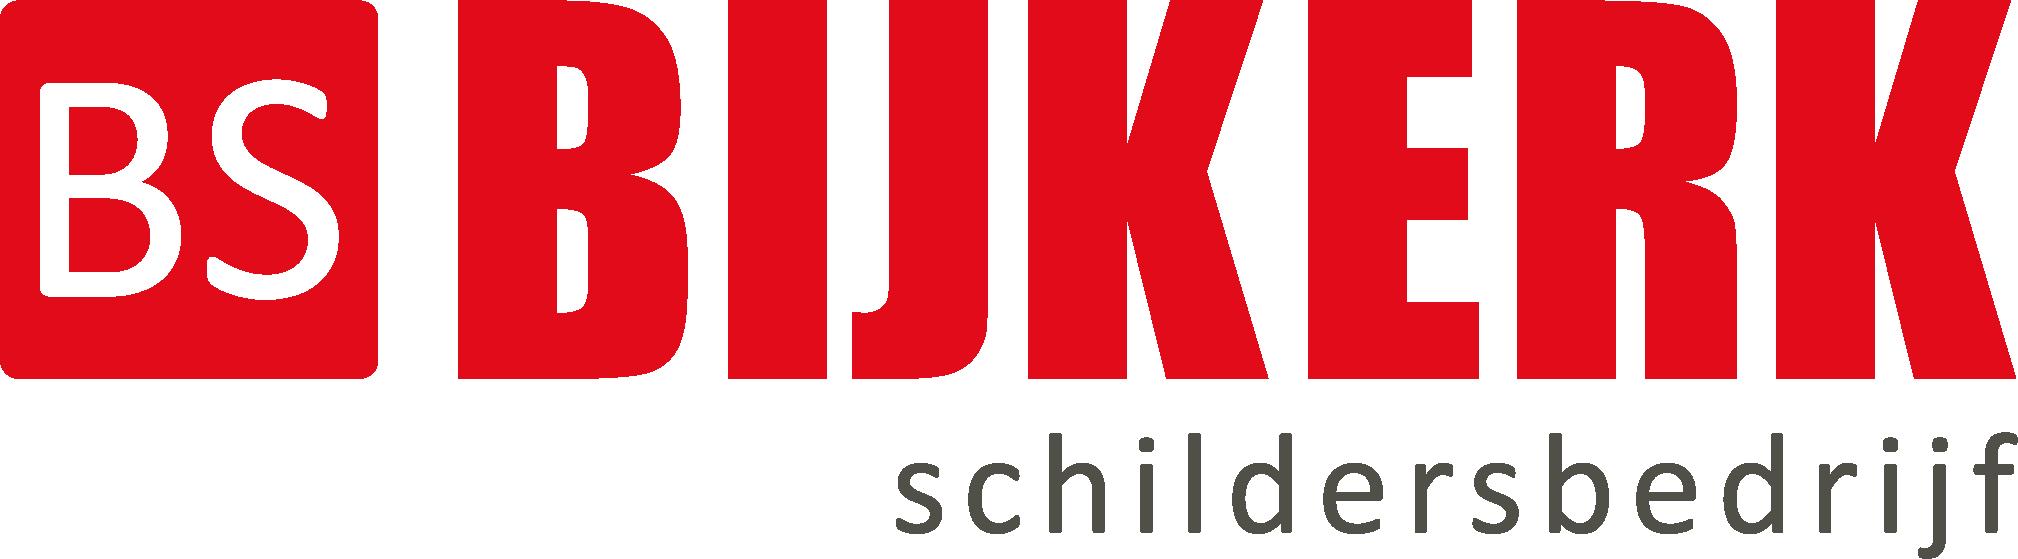 Schildersbedrijf Bijkerk